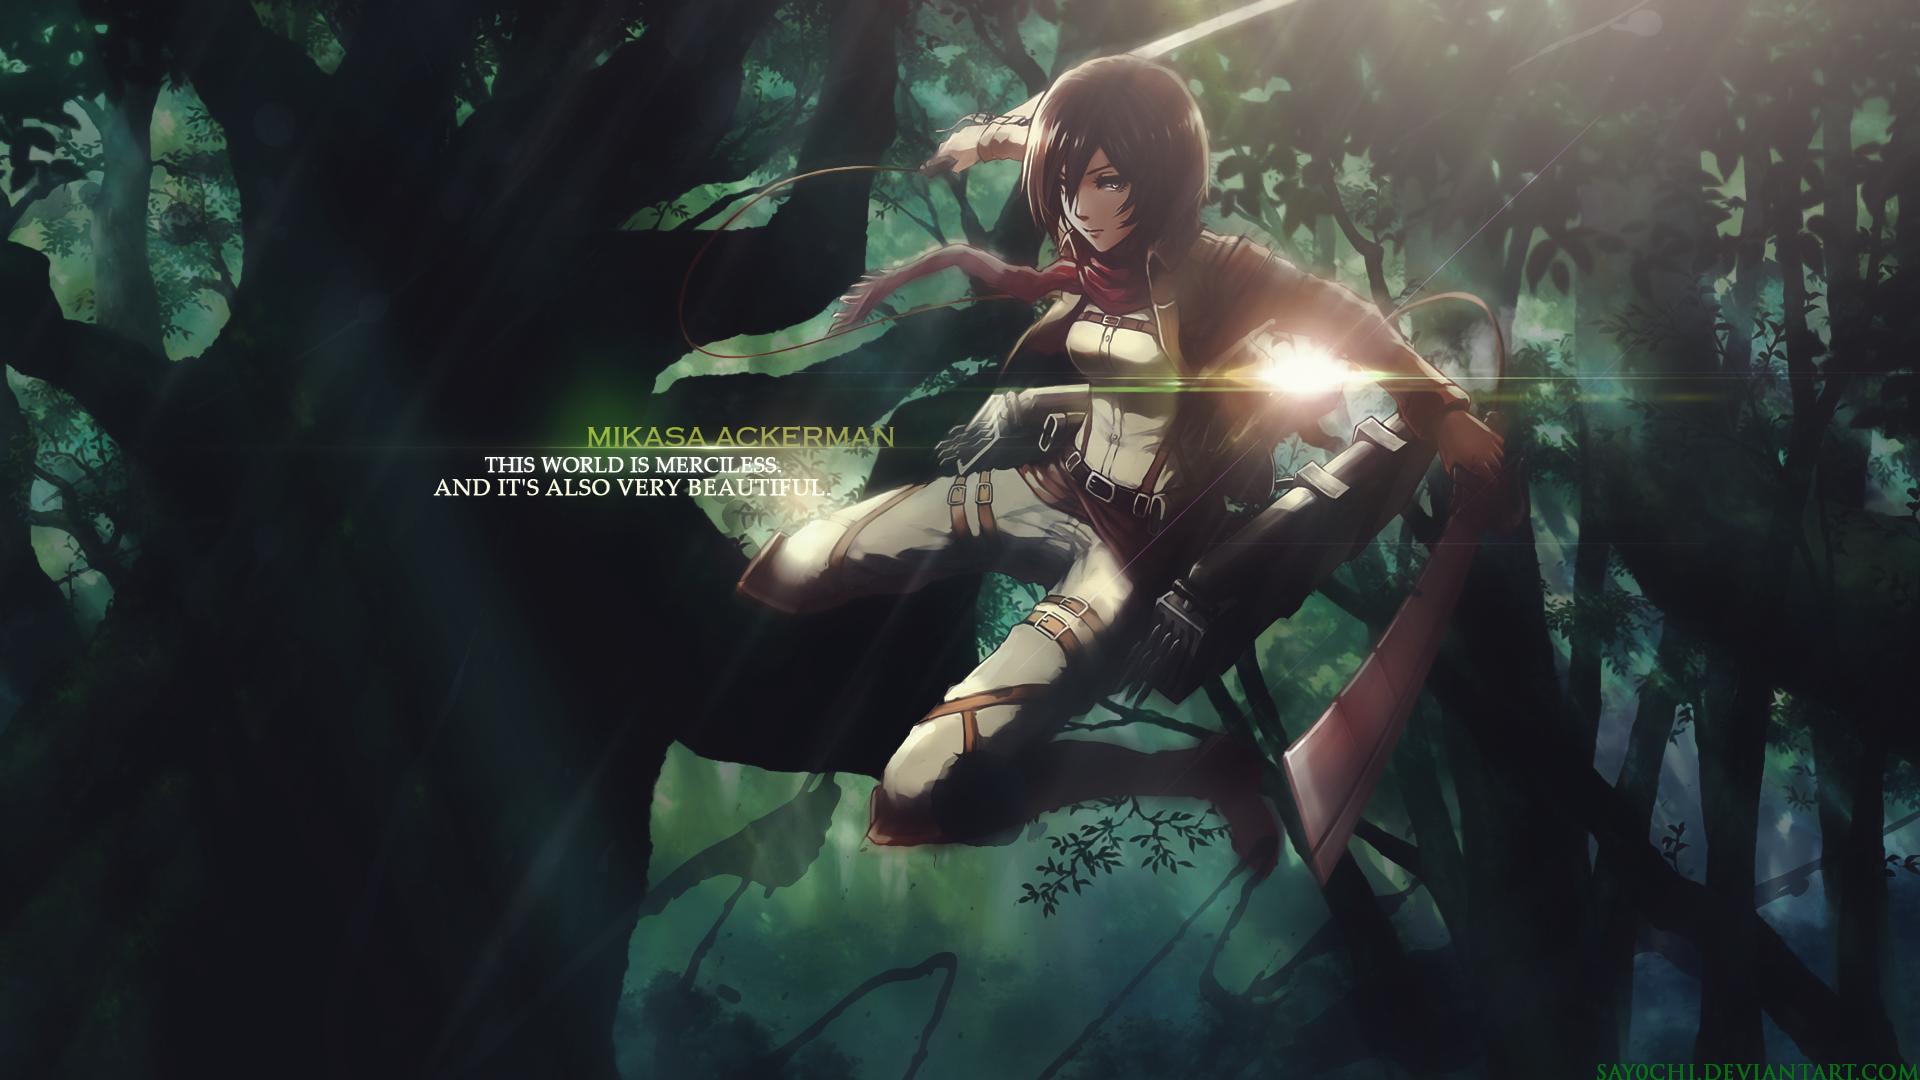 Mikasa Ackerman   Shingeki no Kyojin Attack on titan Wallpaper 1920x1080